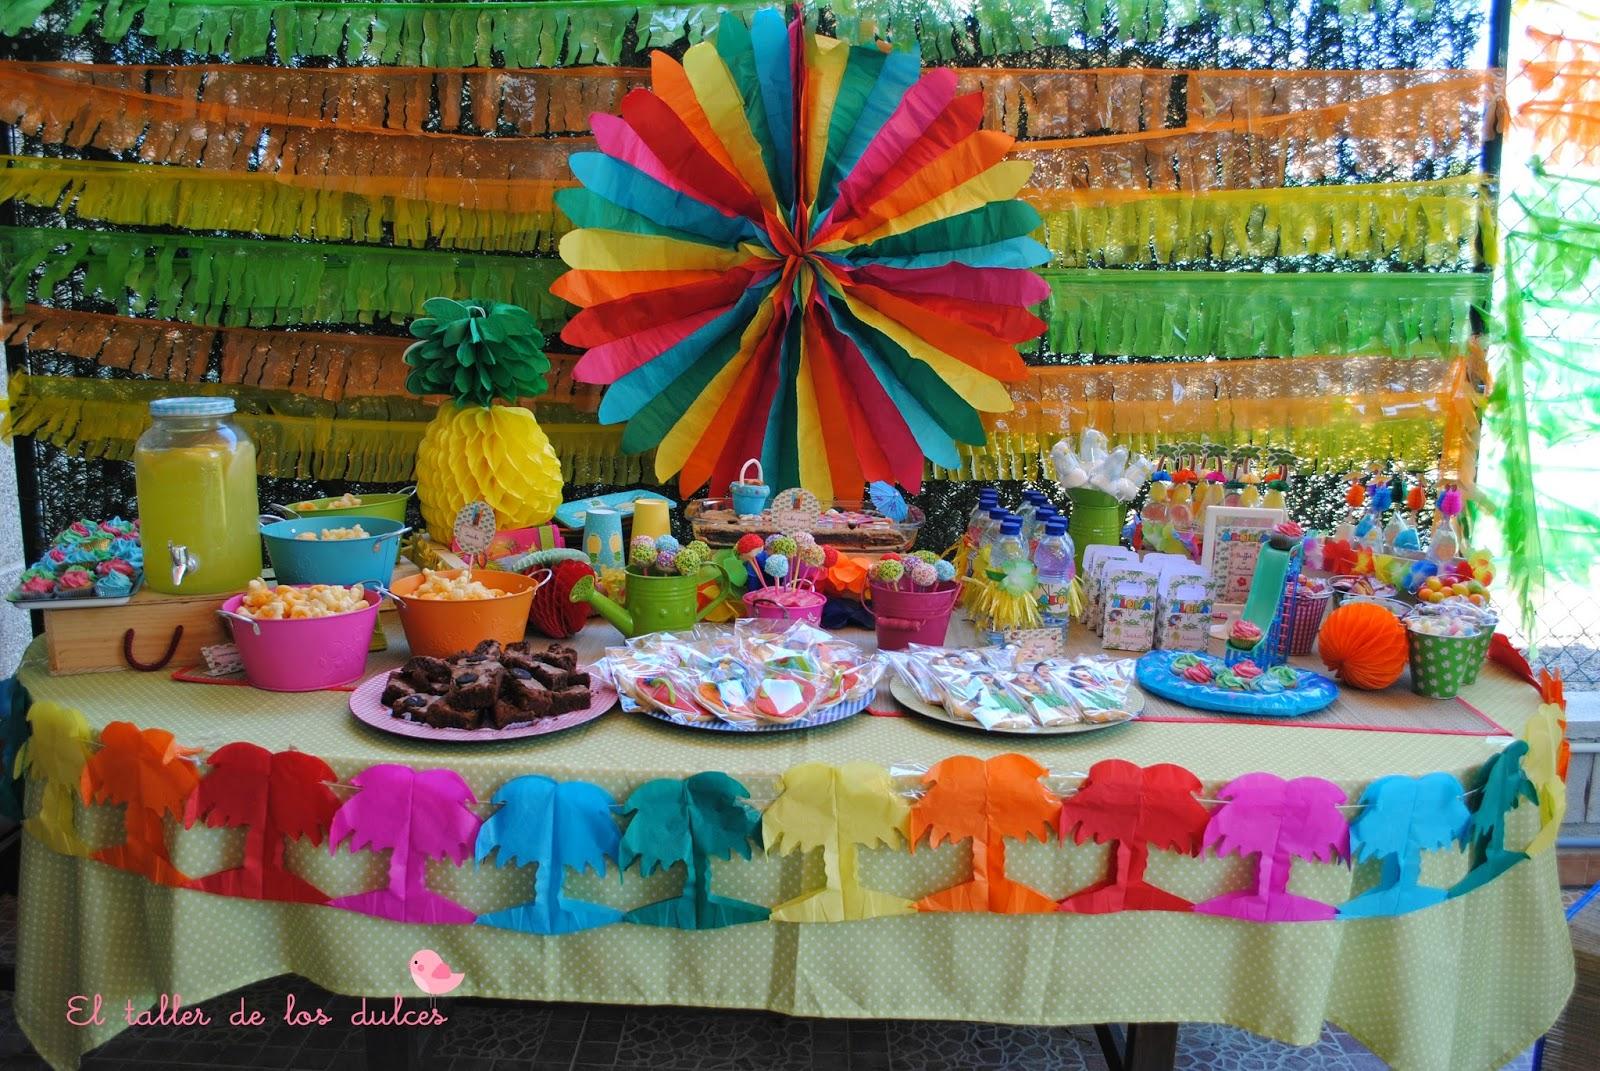 El taller de los dulces gran fiesta hawaina bienvenido - Decoracion mesas fiestas ...